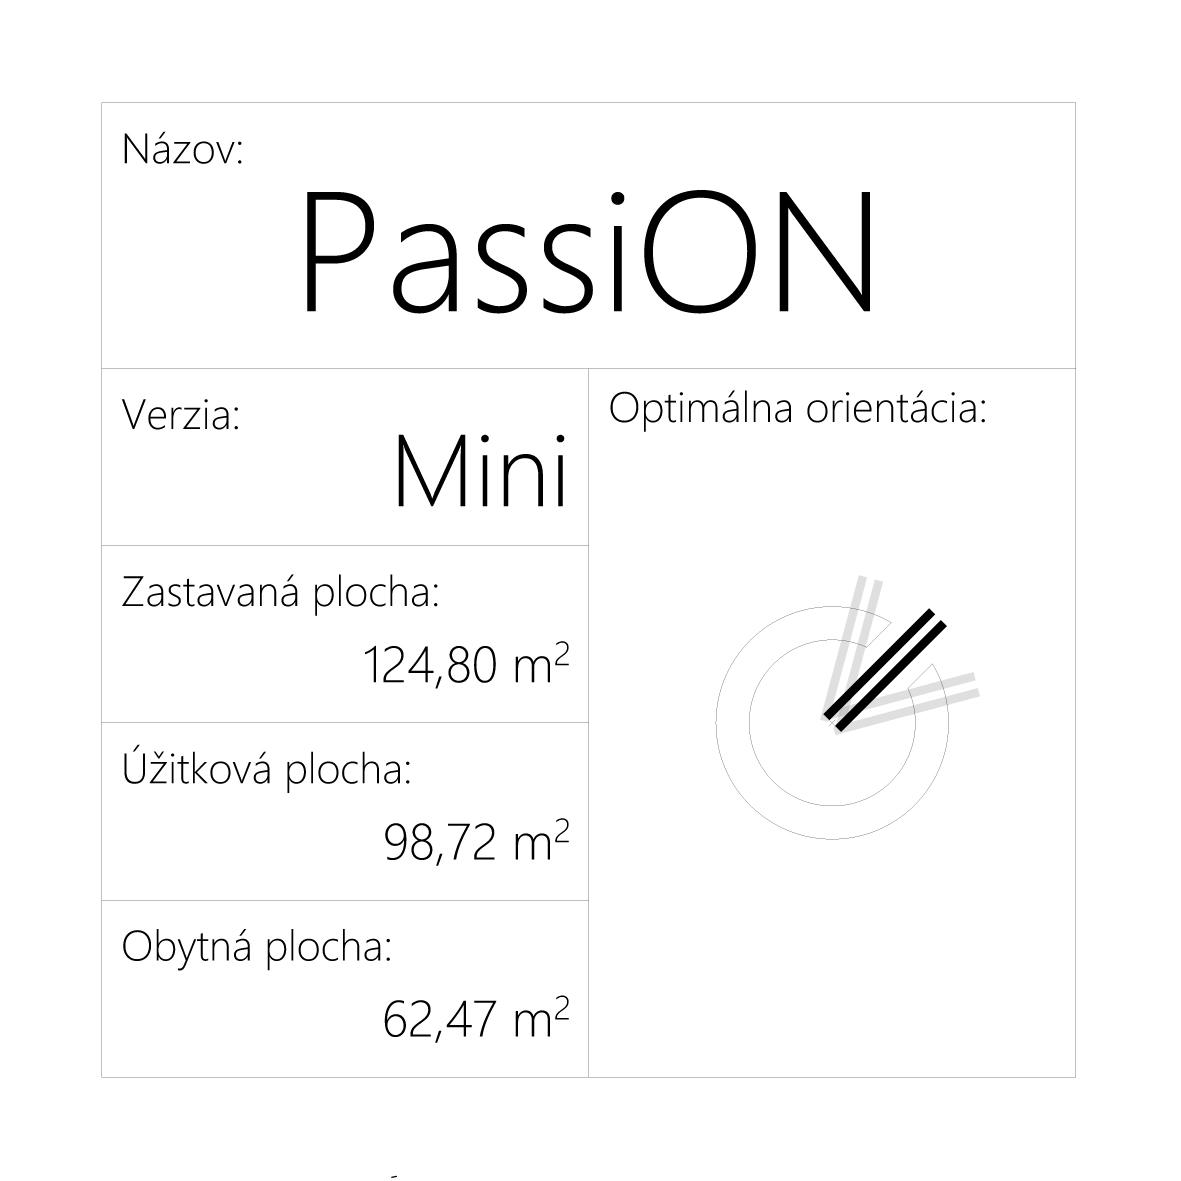 Projekt pasívneho domu - PassiON Mini - Obrázok č. 2